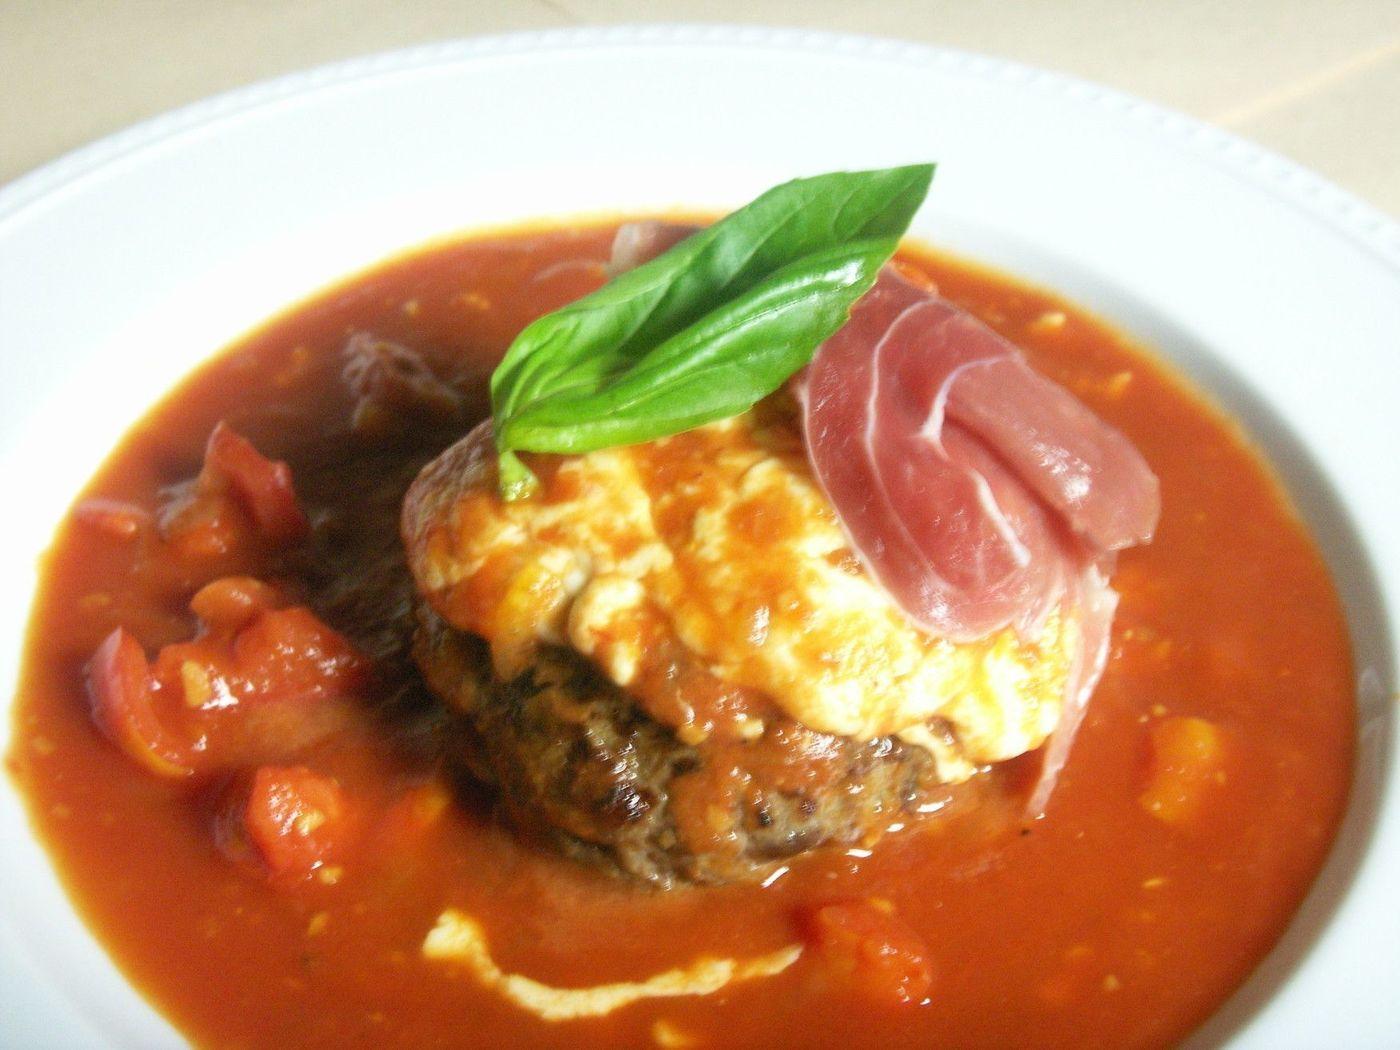 【立川】肉汁溢れる絶品ハンバーグ!ランチが人気の穴場的お店7選の画像